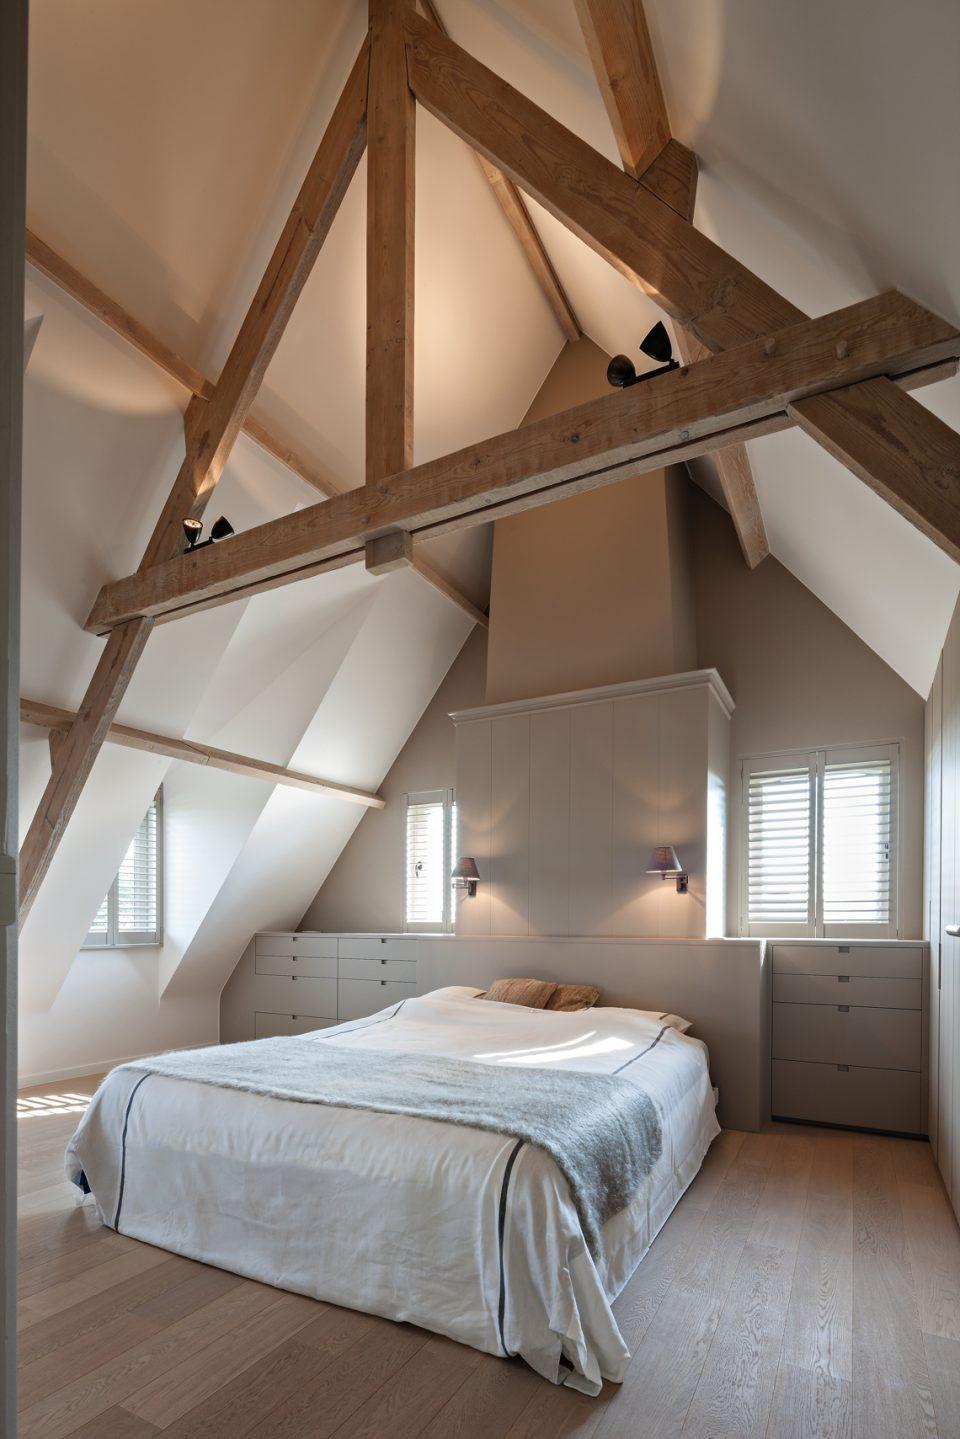 Slaapkamer met houten planken aan het plafond  boven in